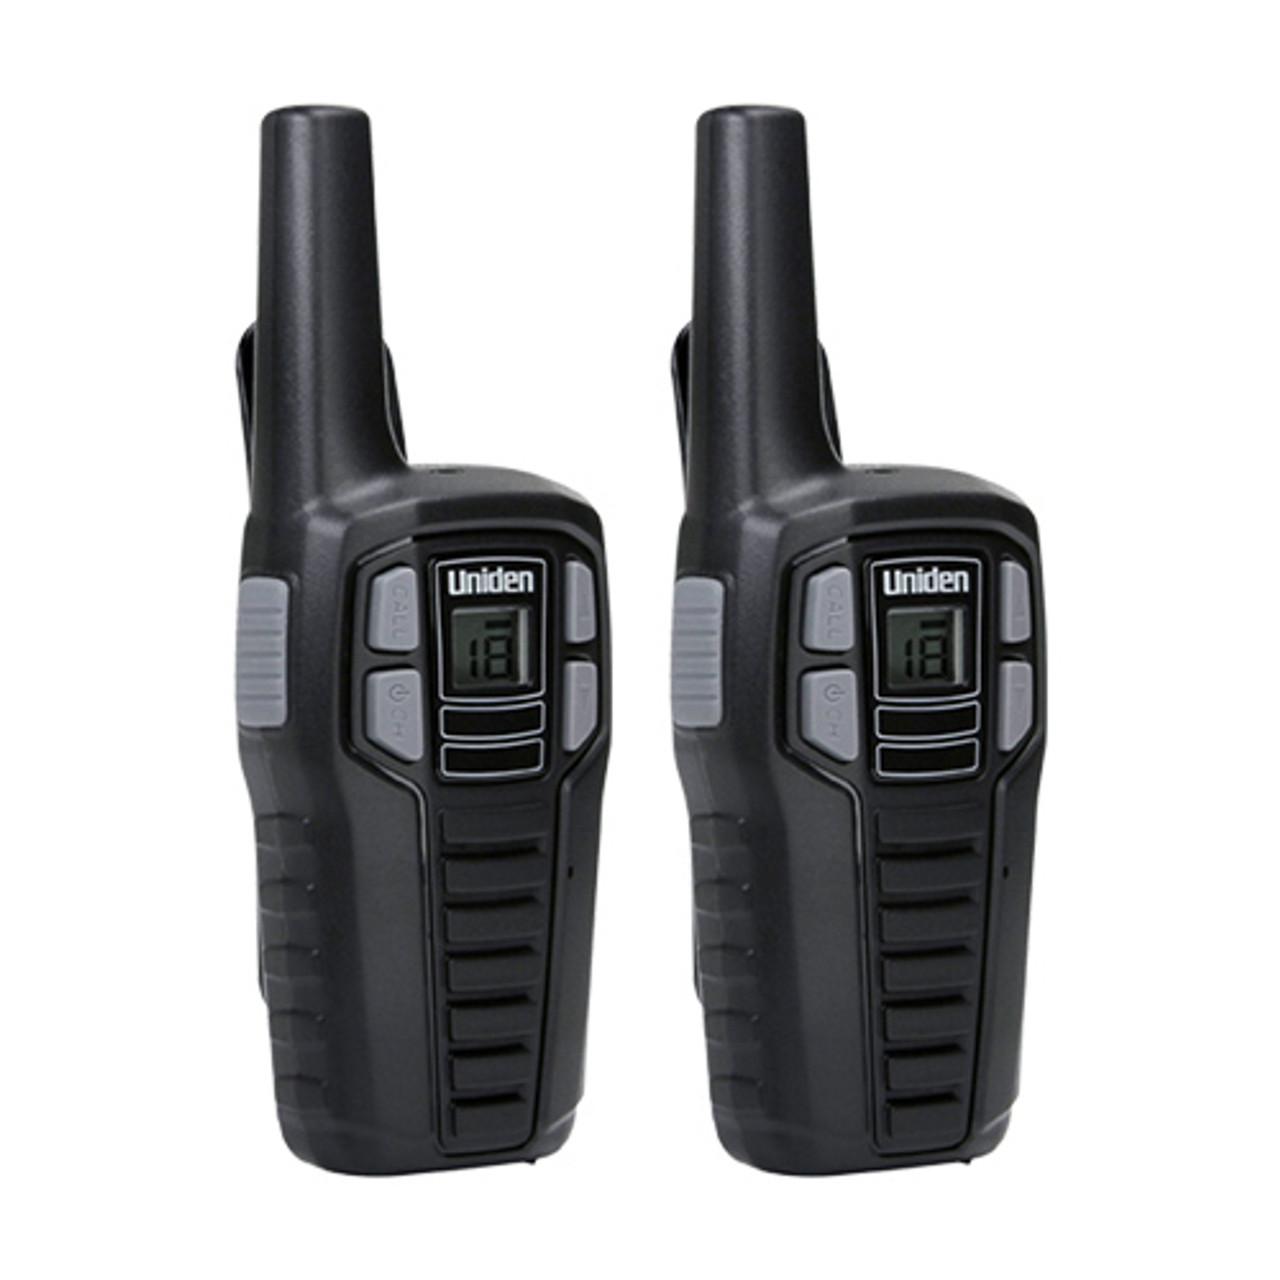 Uniden Sx167 2ch Uniden Walkie Talkie Set Two Way Direct